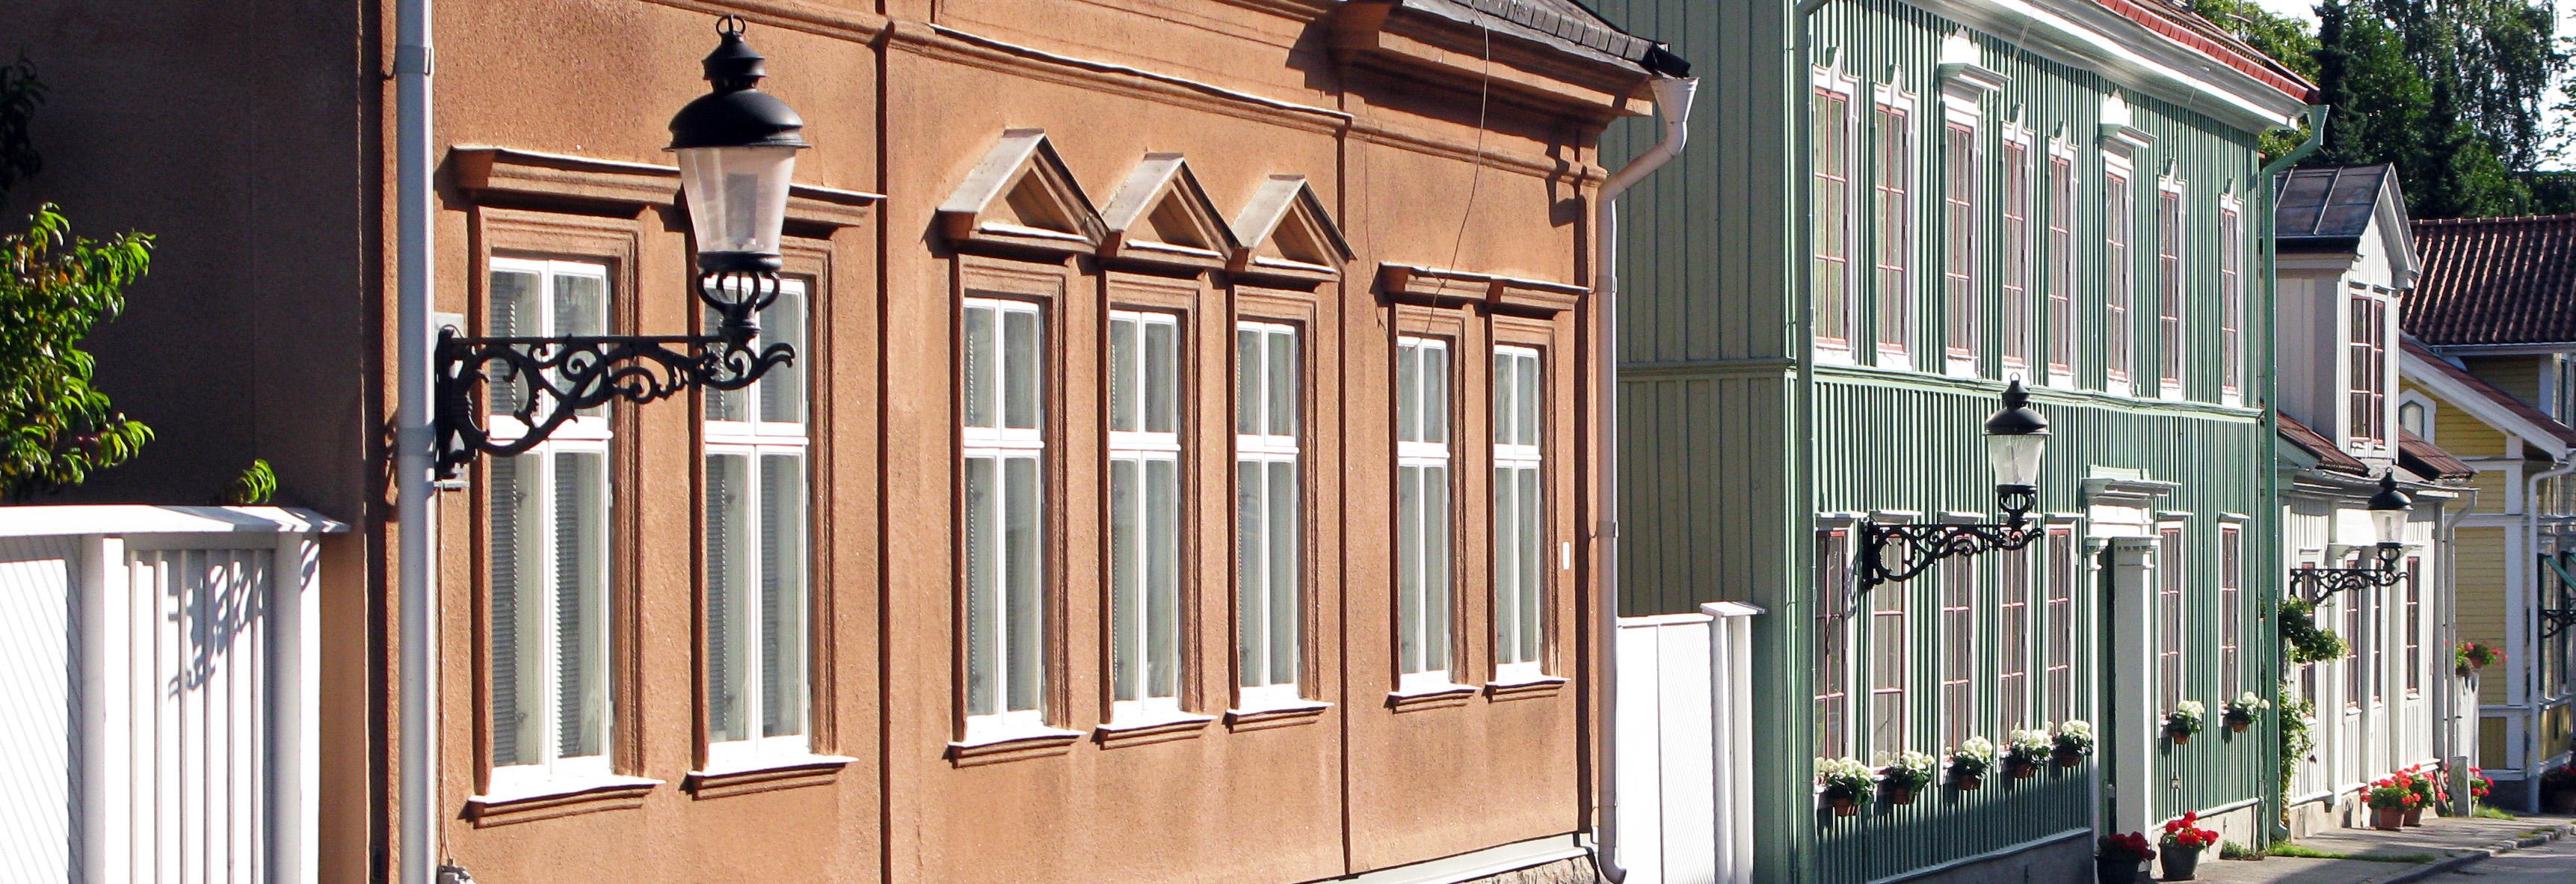 Kungslyktan med väggfäste, Nyköping